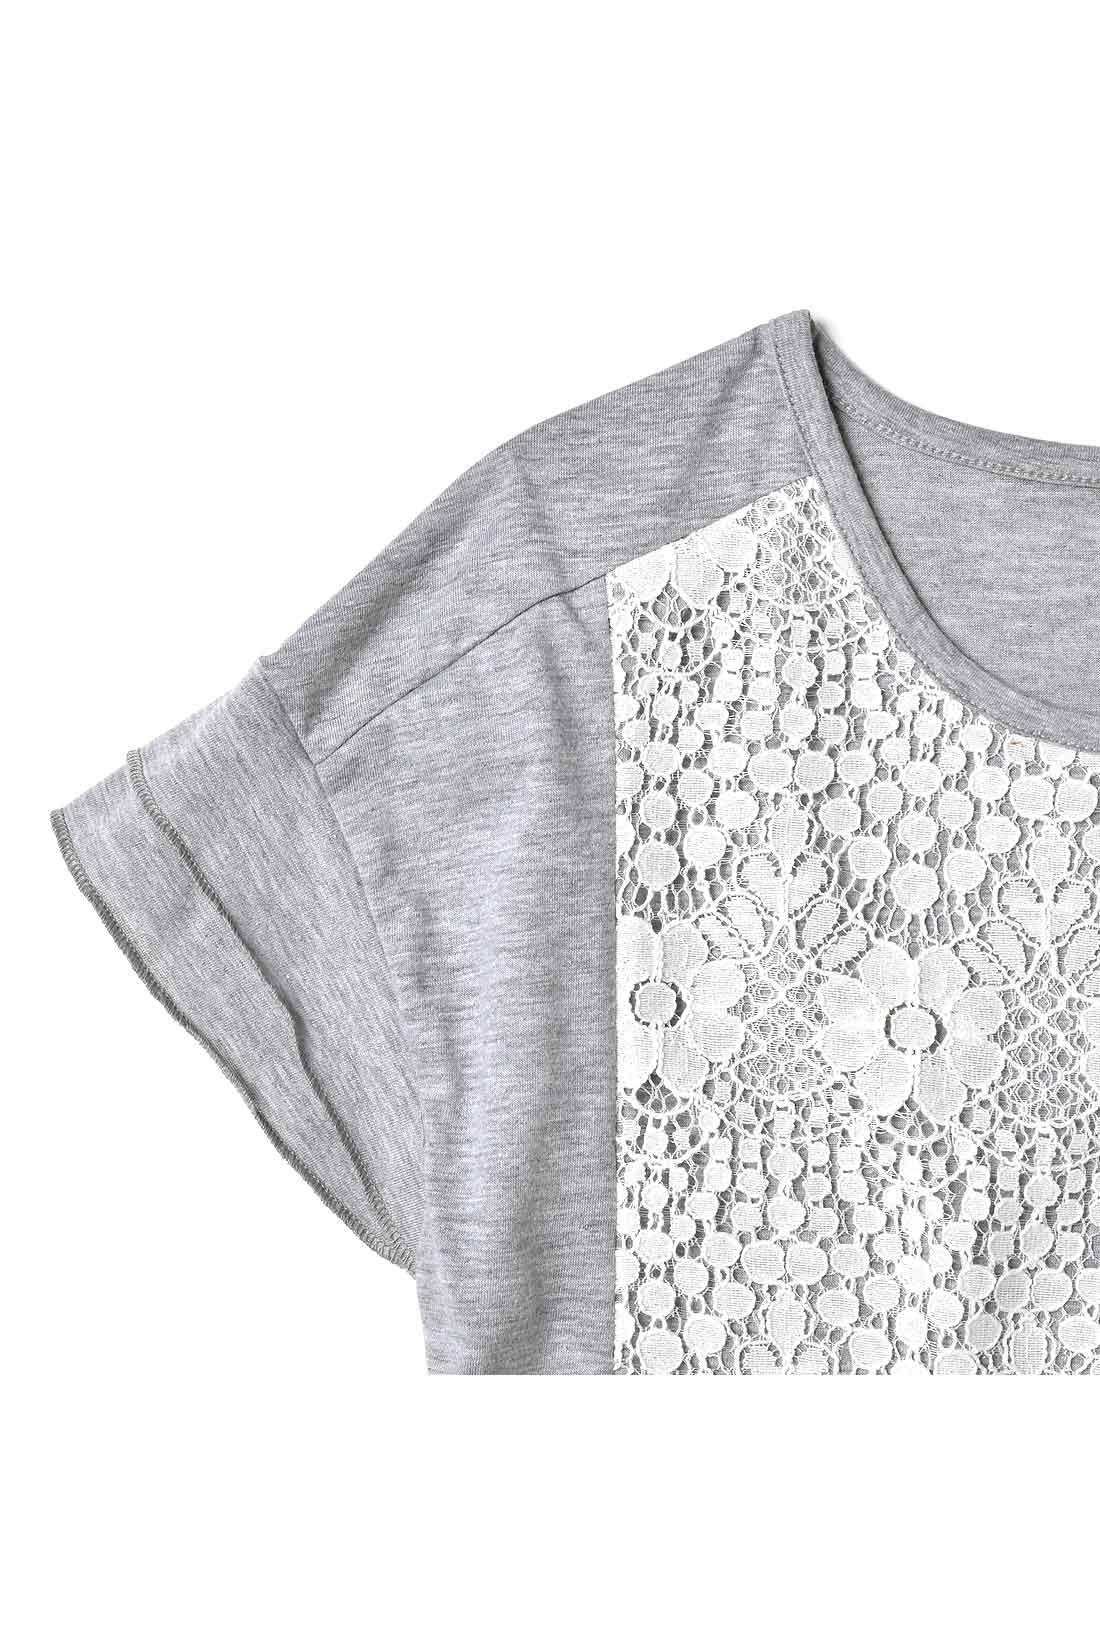 2枚重ねの袖口デザインで、ほどよく甘さと軽やかさをプラス。